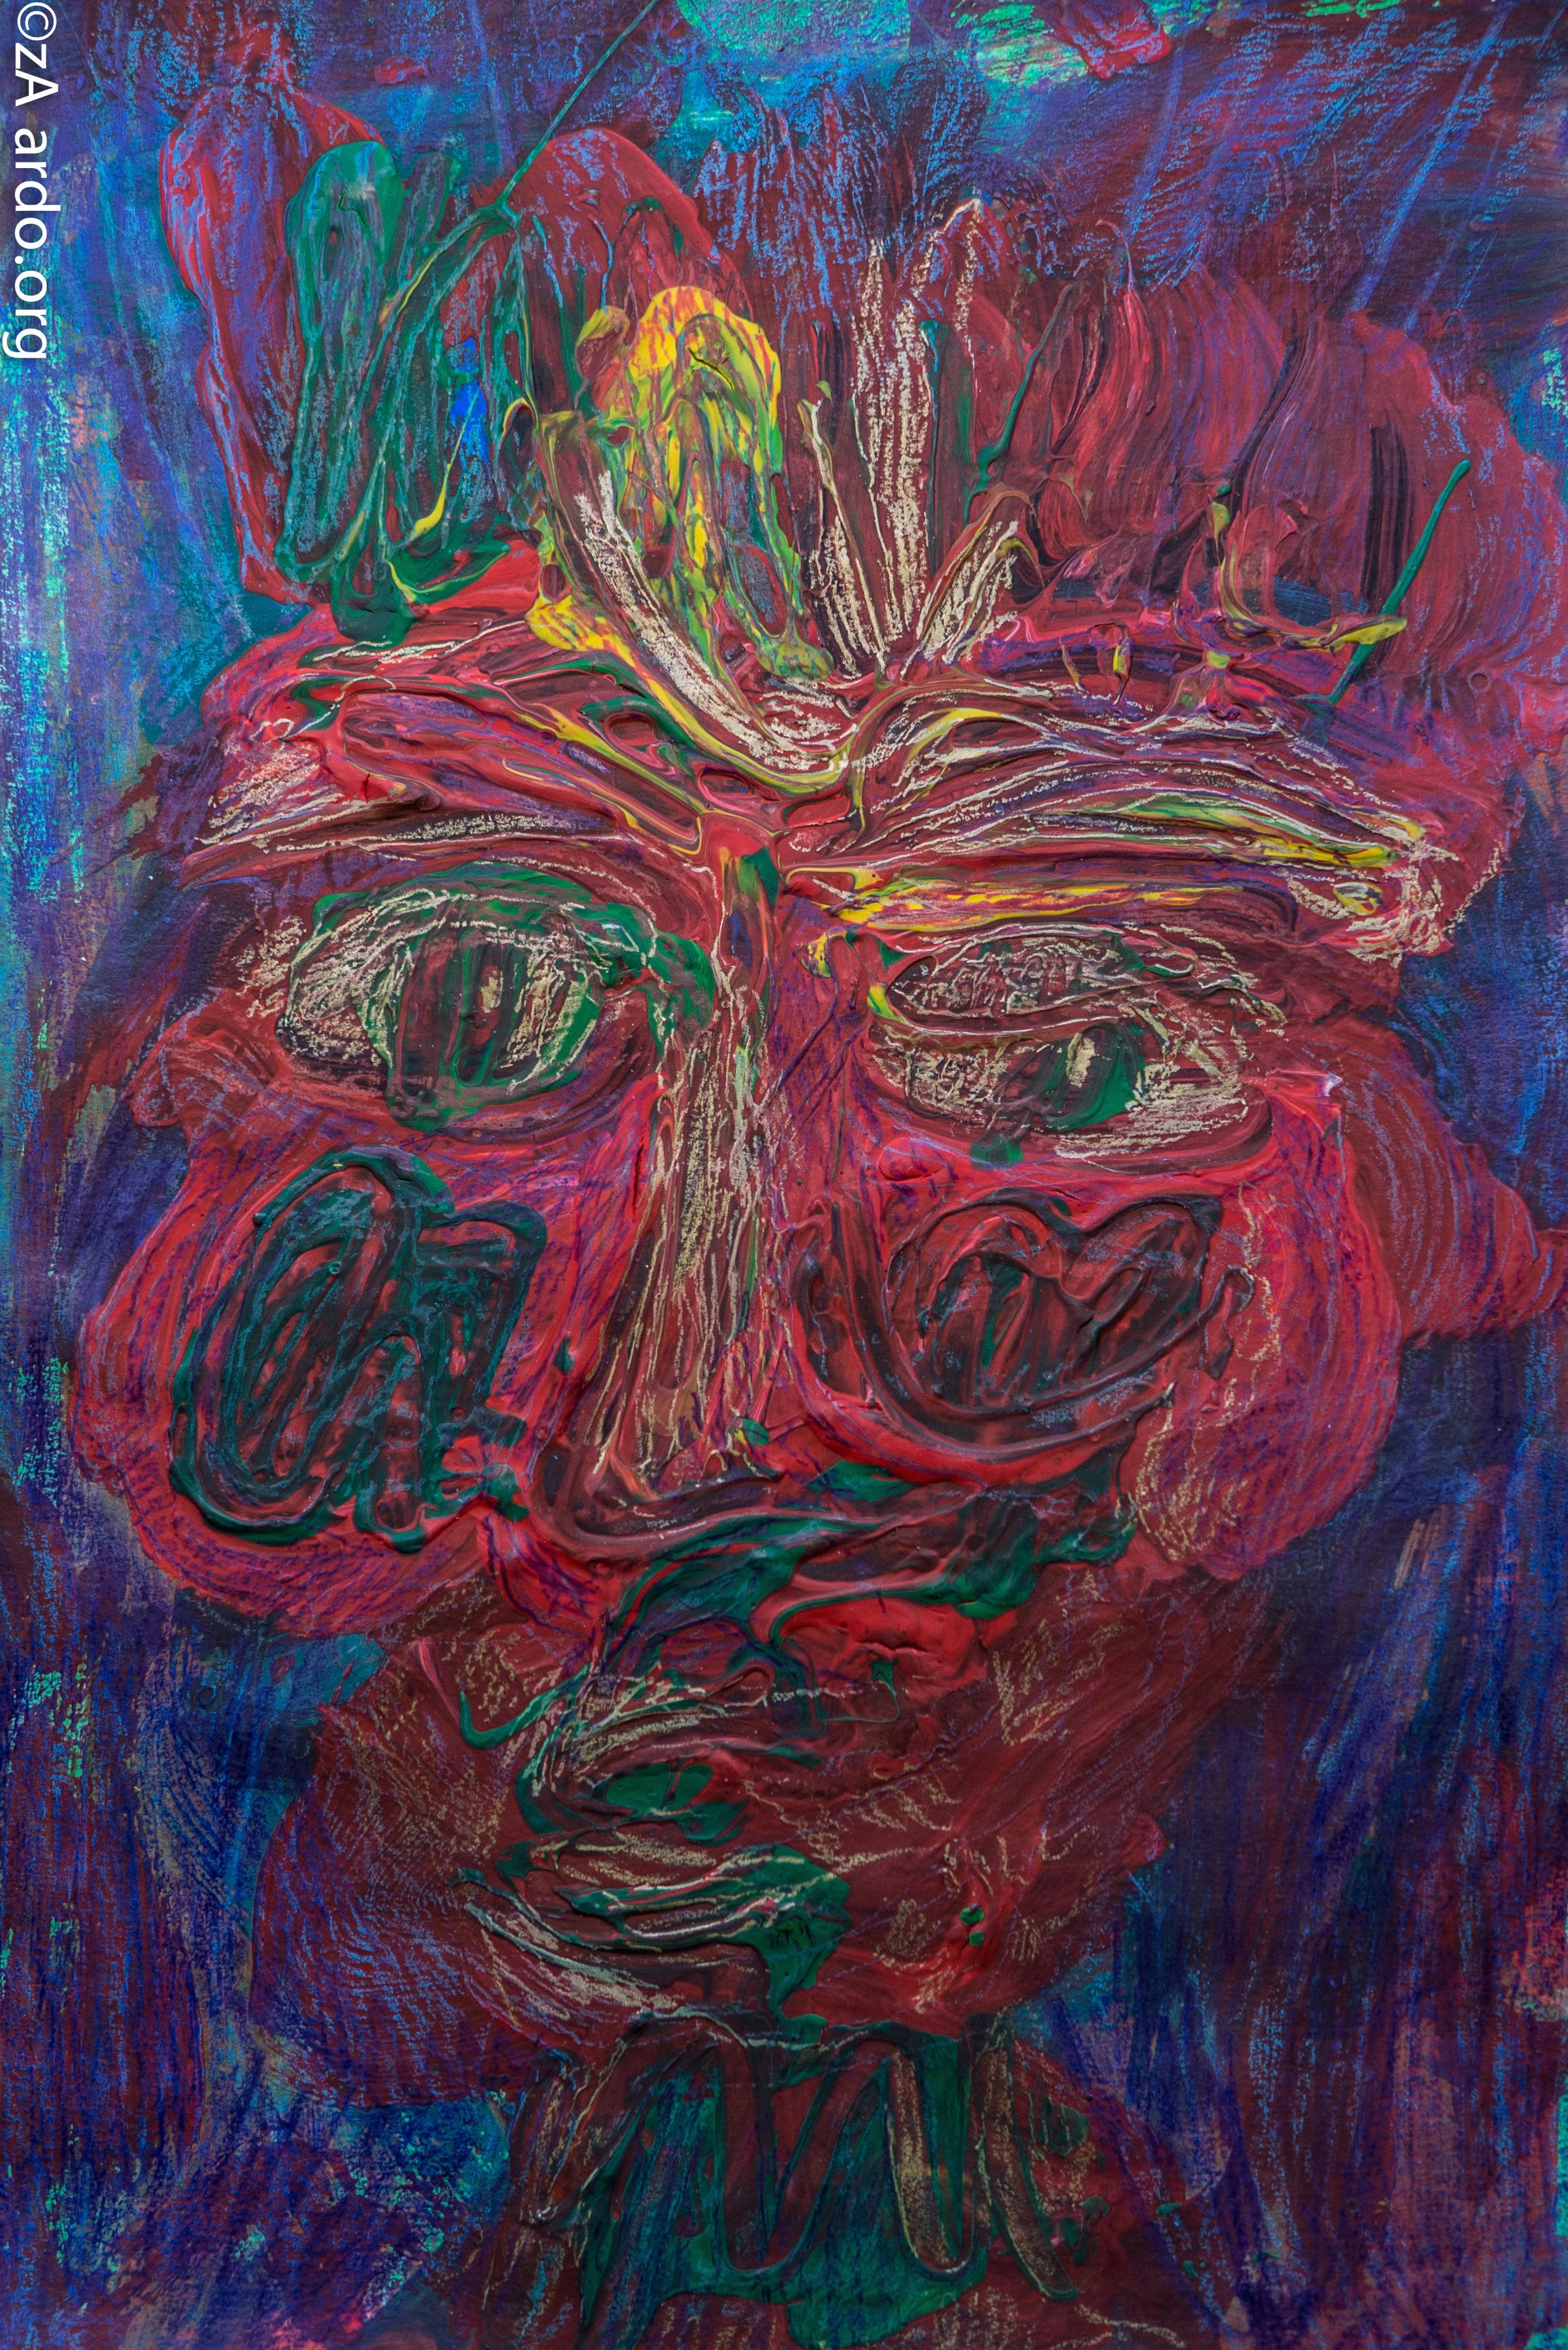 Under the skin portraits 6apr15©zARDO-1.jpg